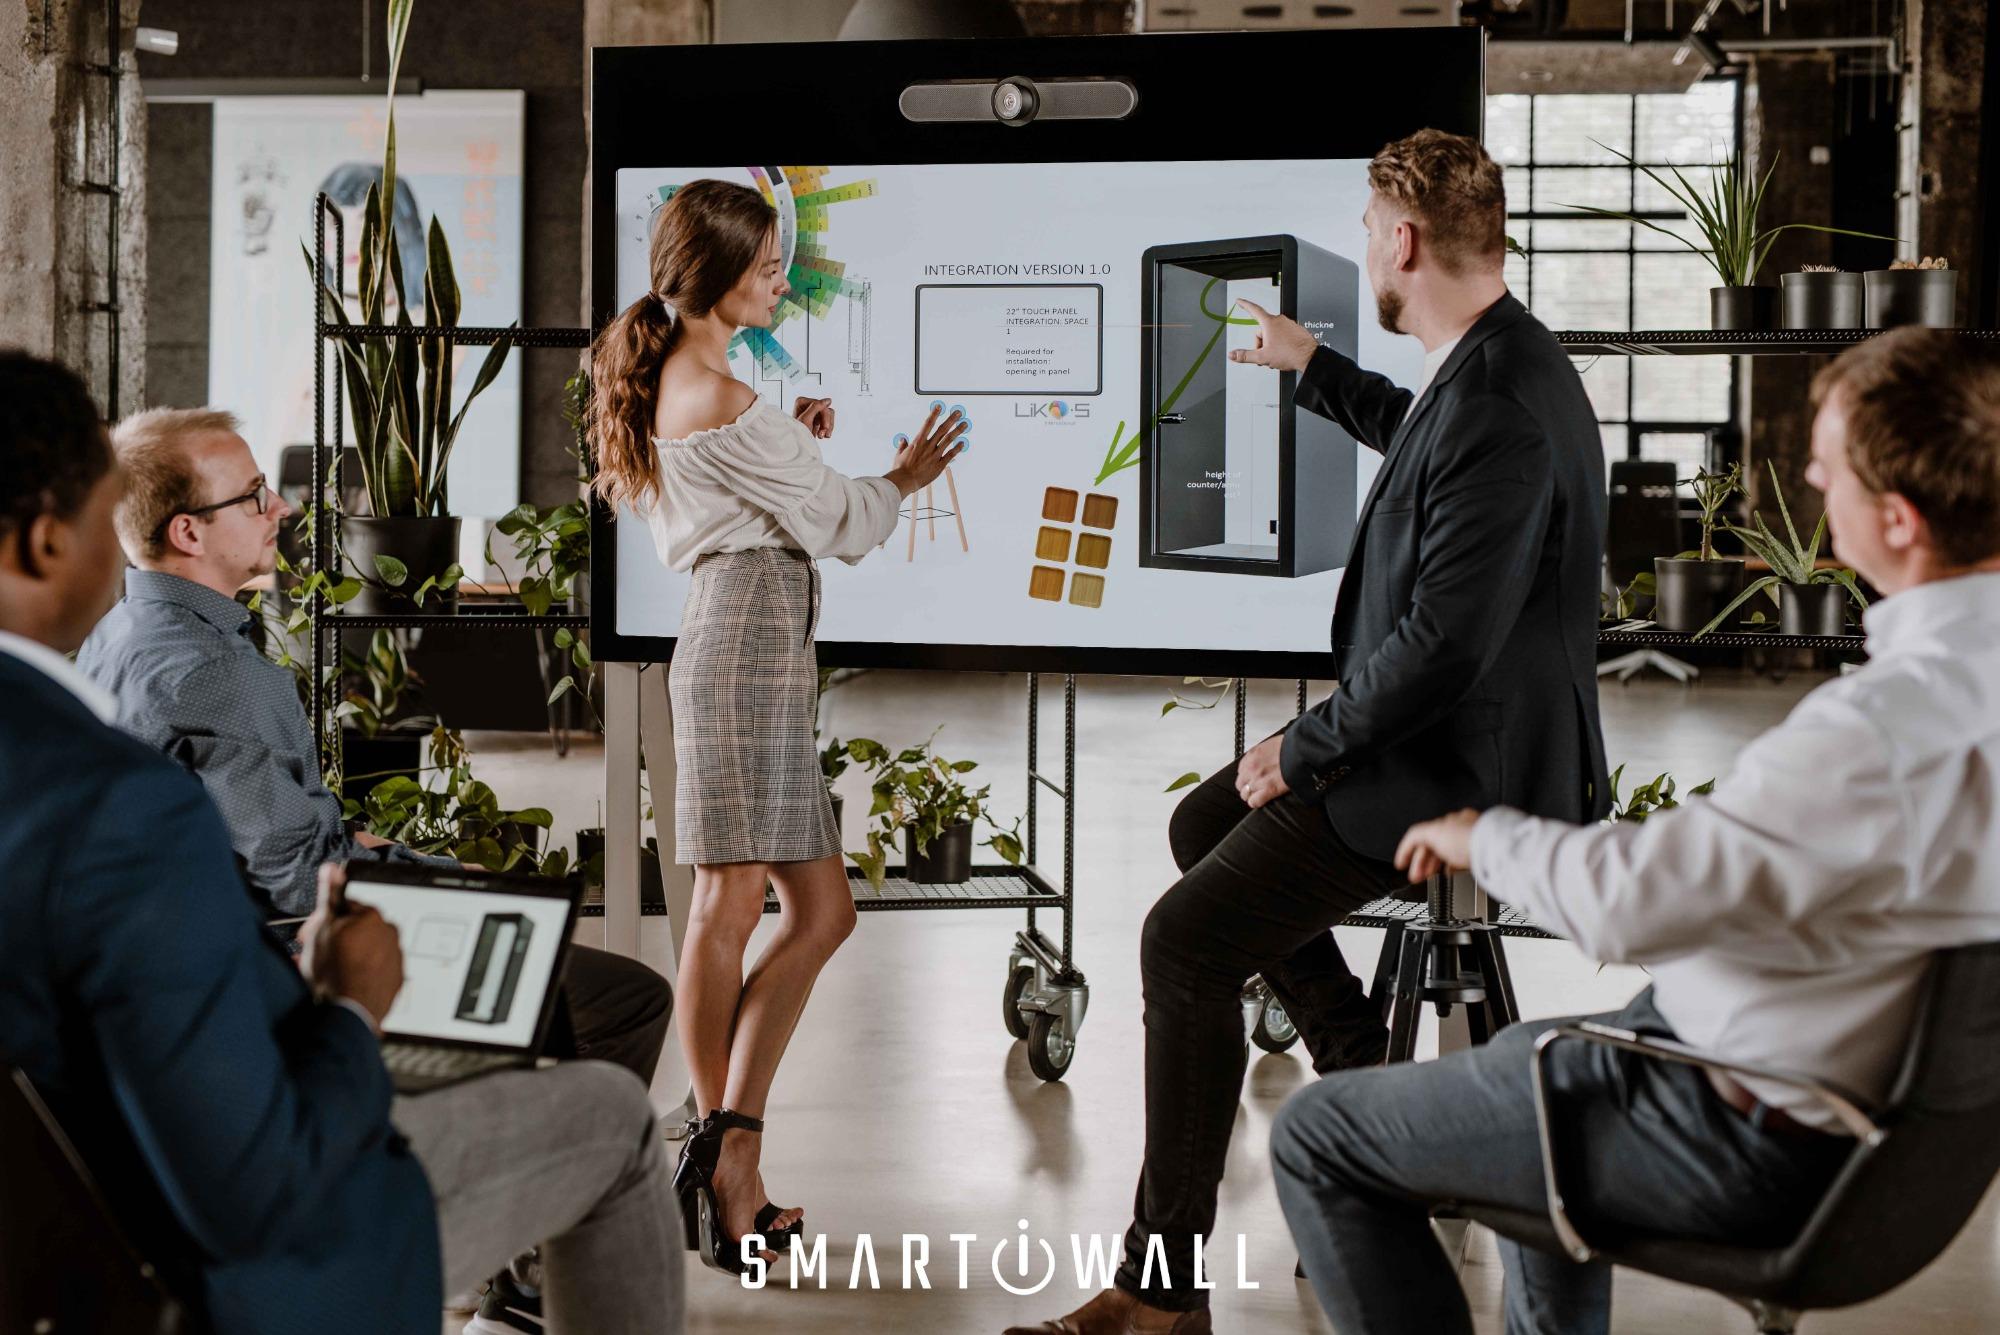 SMART-i-WALL®: Következő videókonferenciájához nem lesz szükség laptopra.